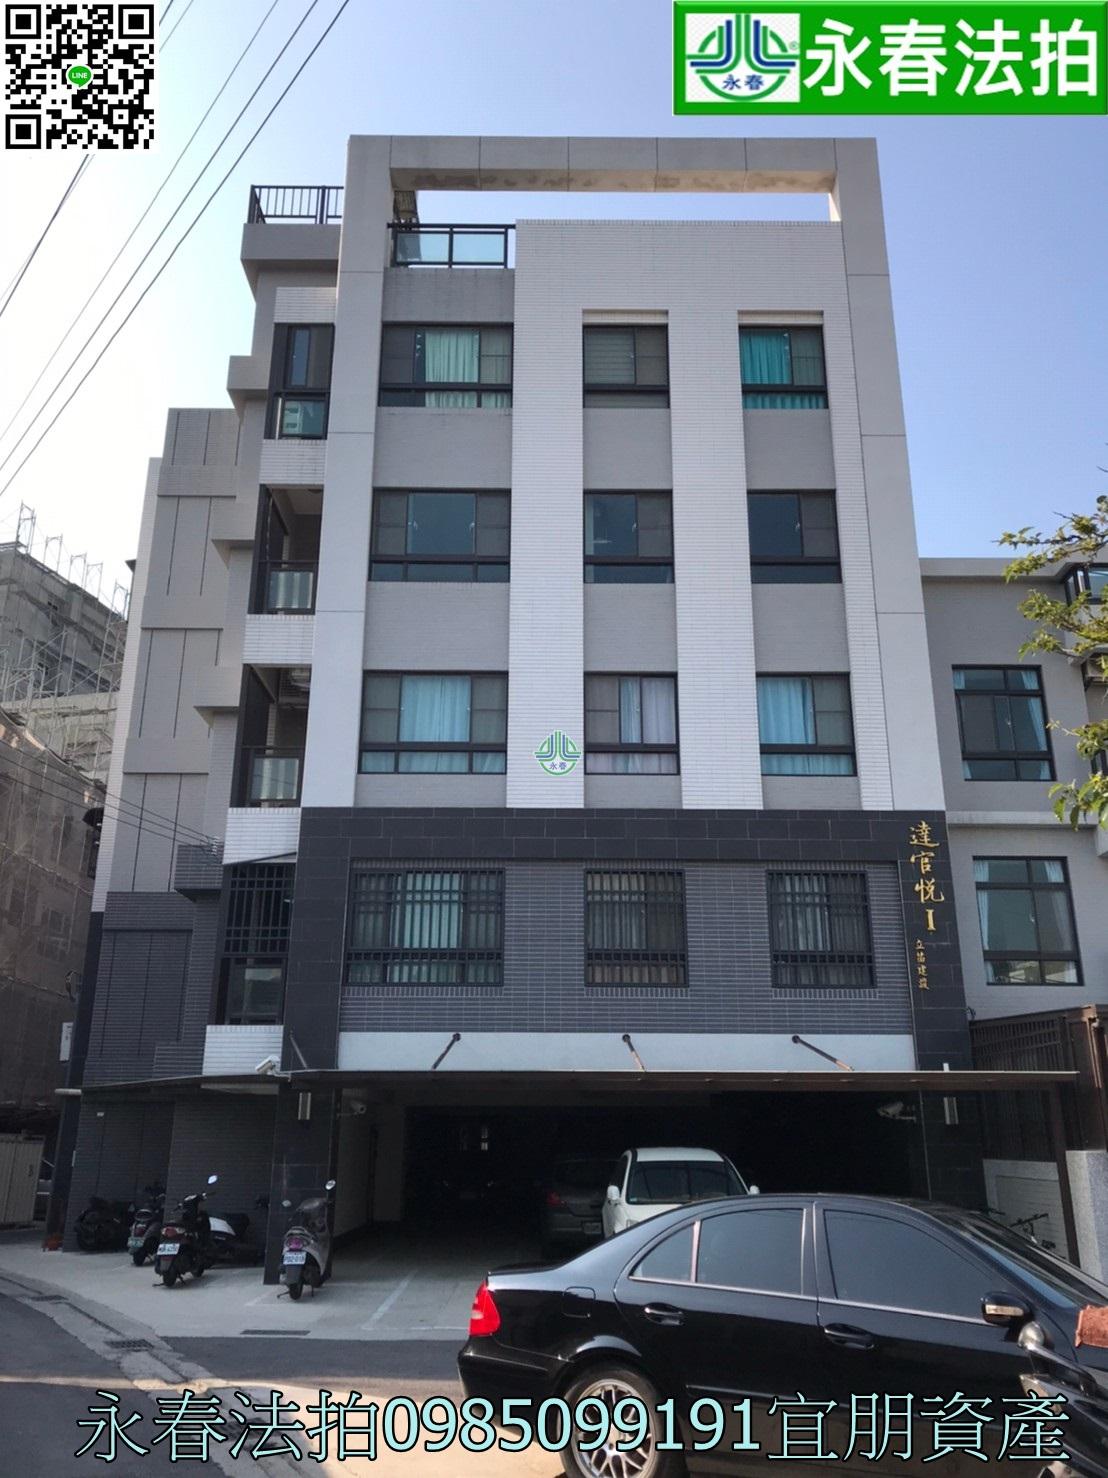 竹南鎮龍好街22巷38號2樓之3 0985099191